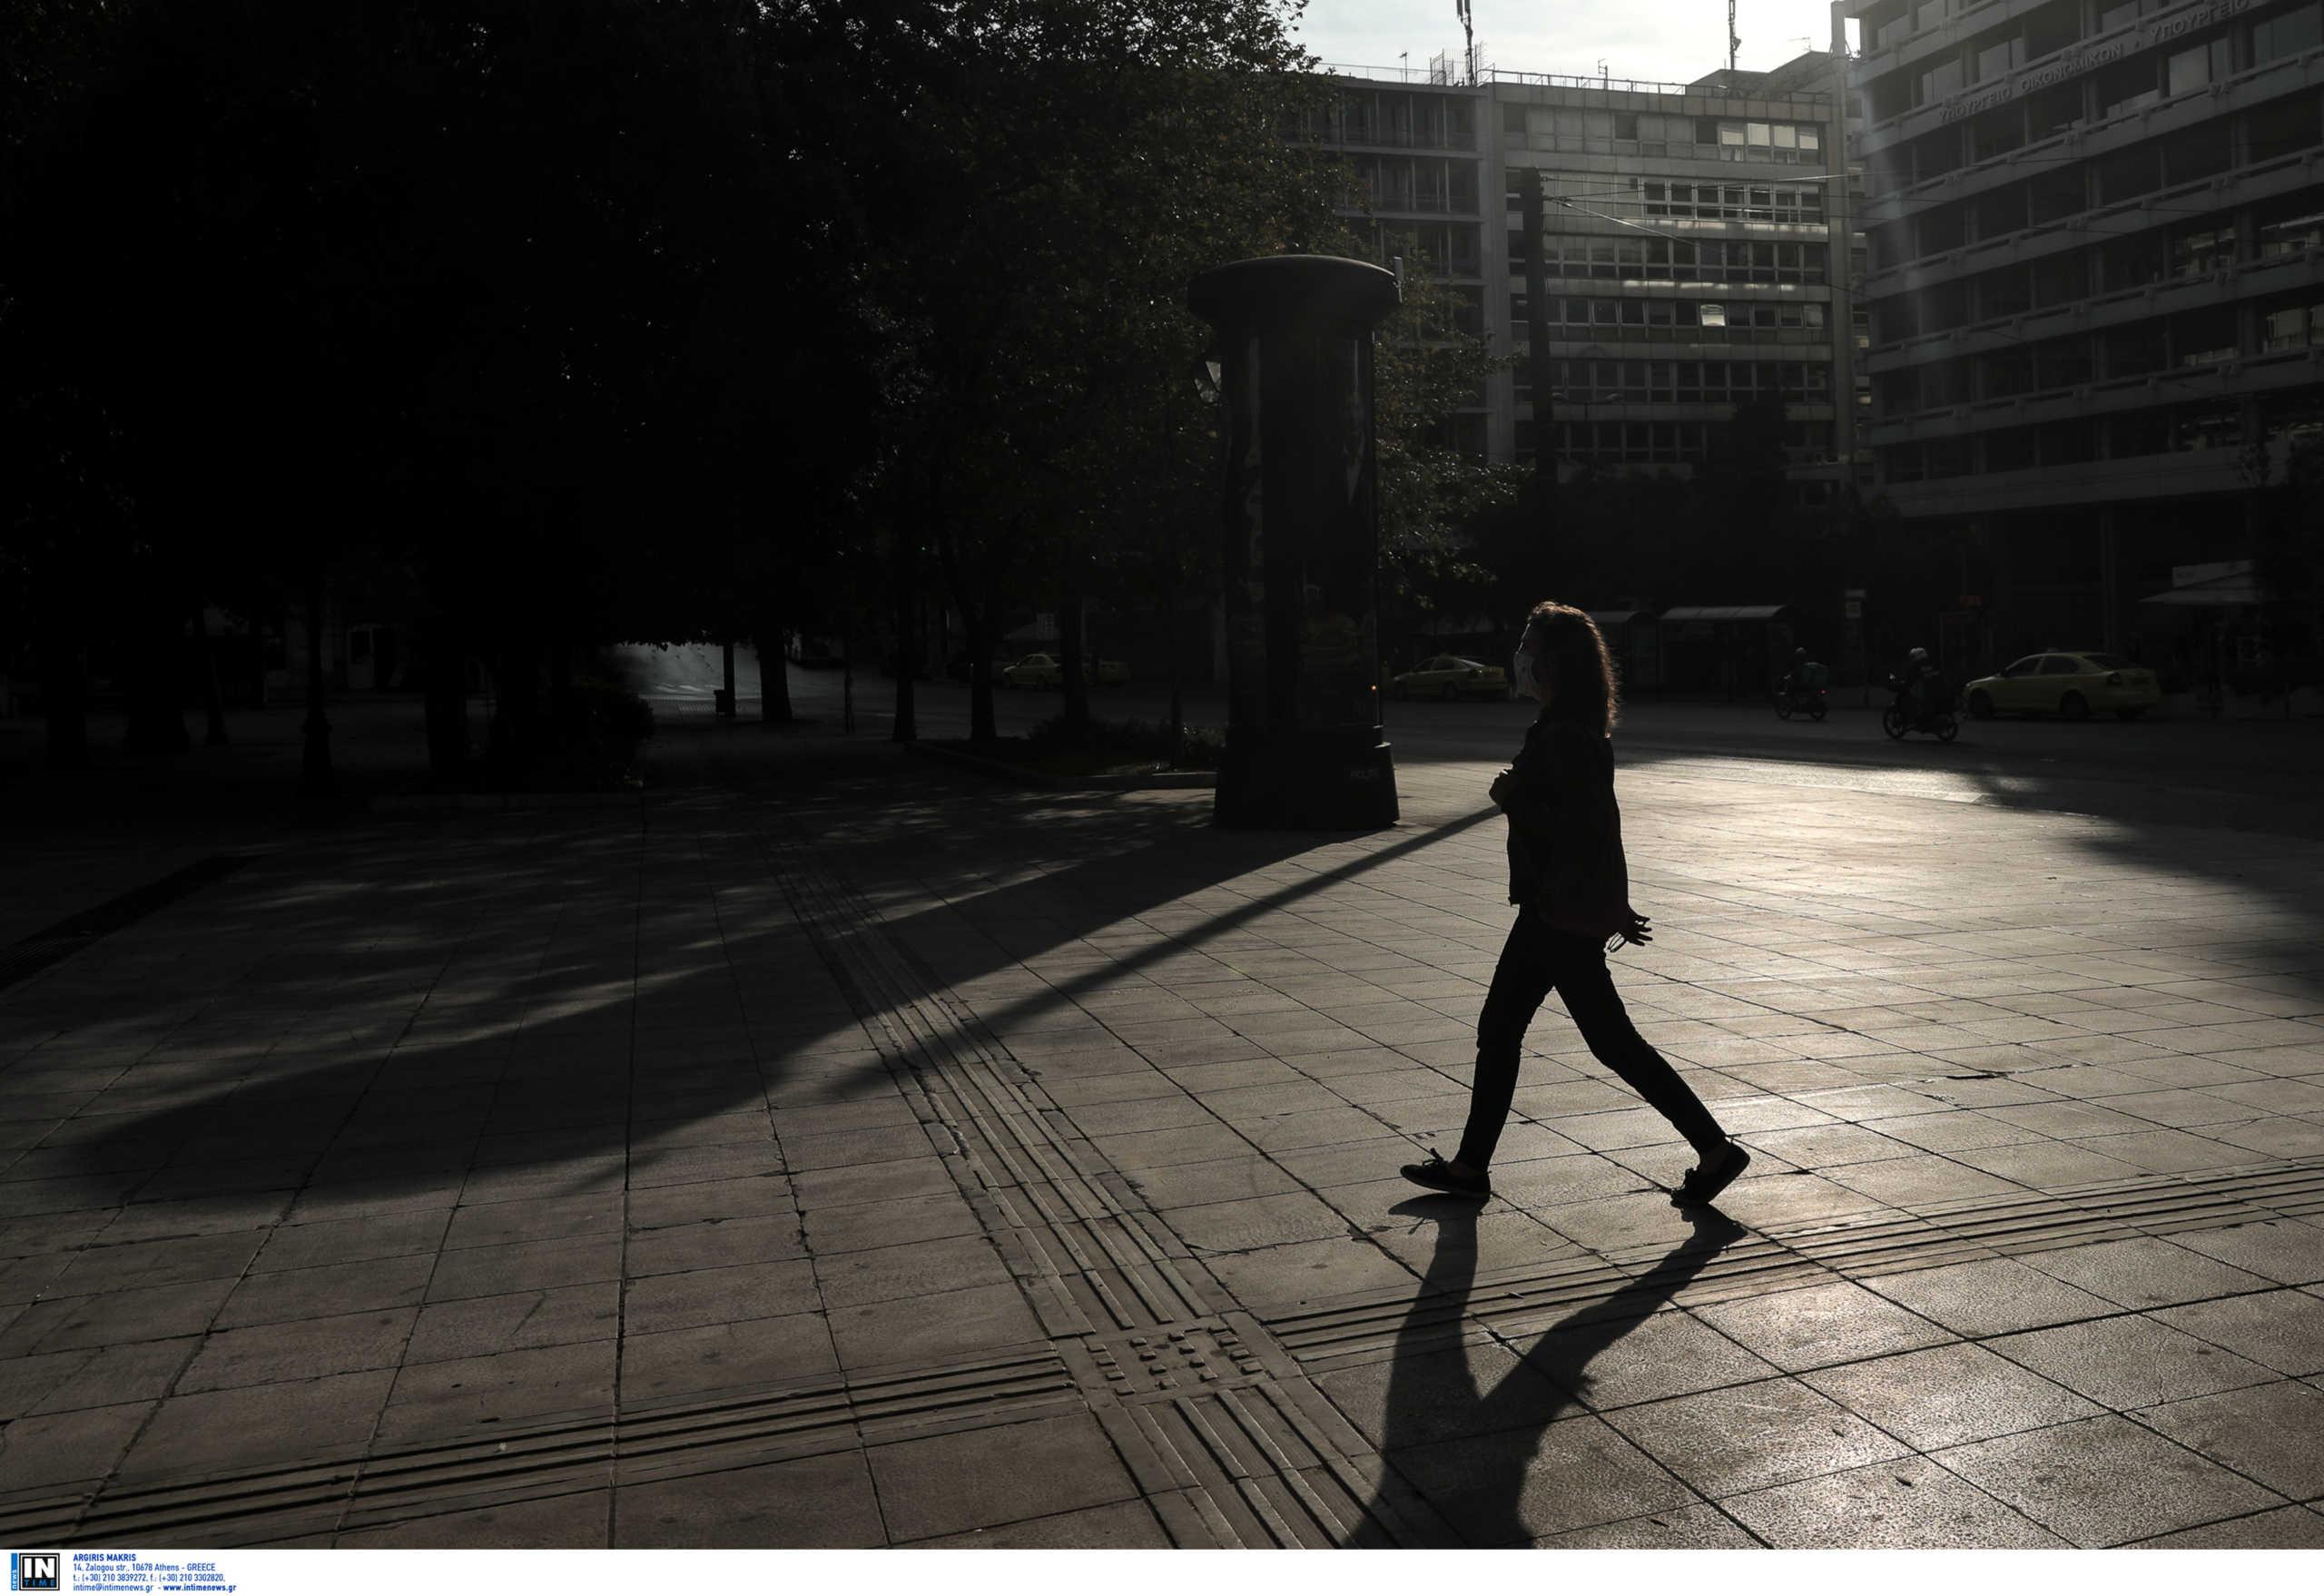 Κορονοϊός: 3 θάνατοι την ώρα! Αγώνας δρόμου για να πέσουν τα κρούσματα στη σκιά 71 νέων θανάτων μόνο την Κυριακή